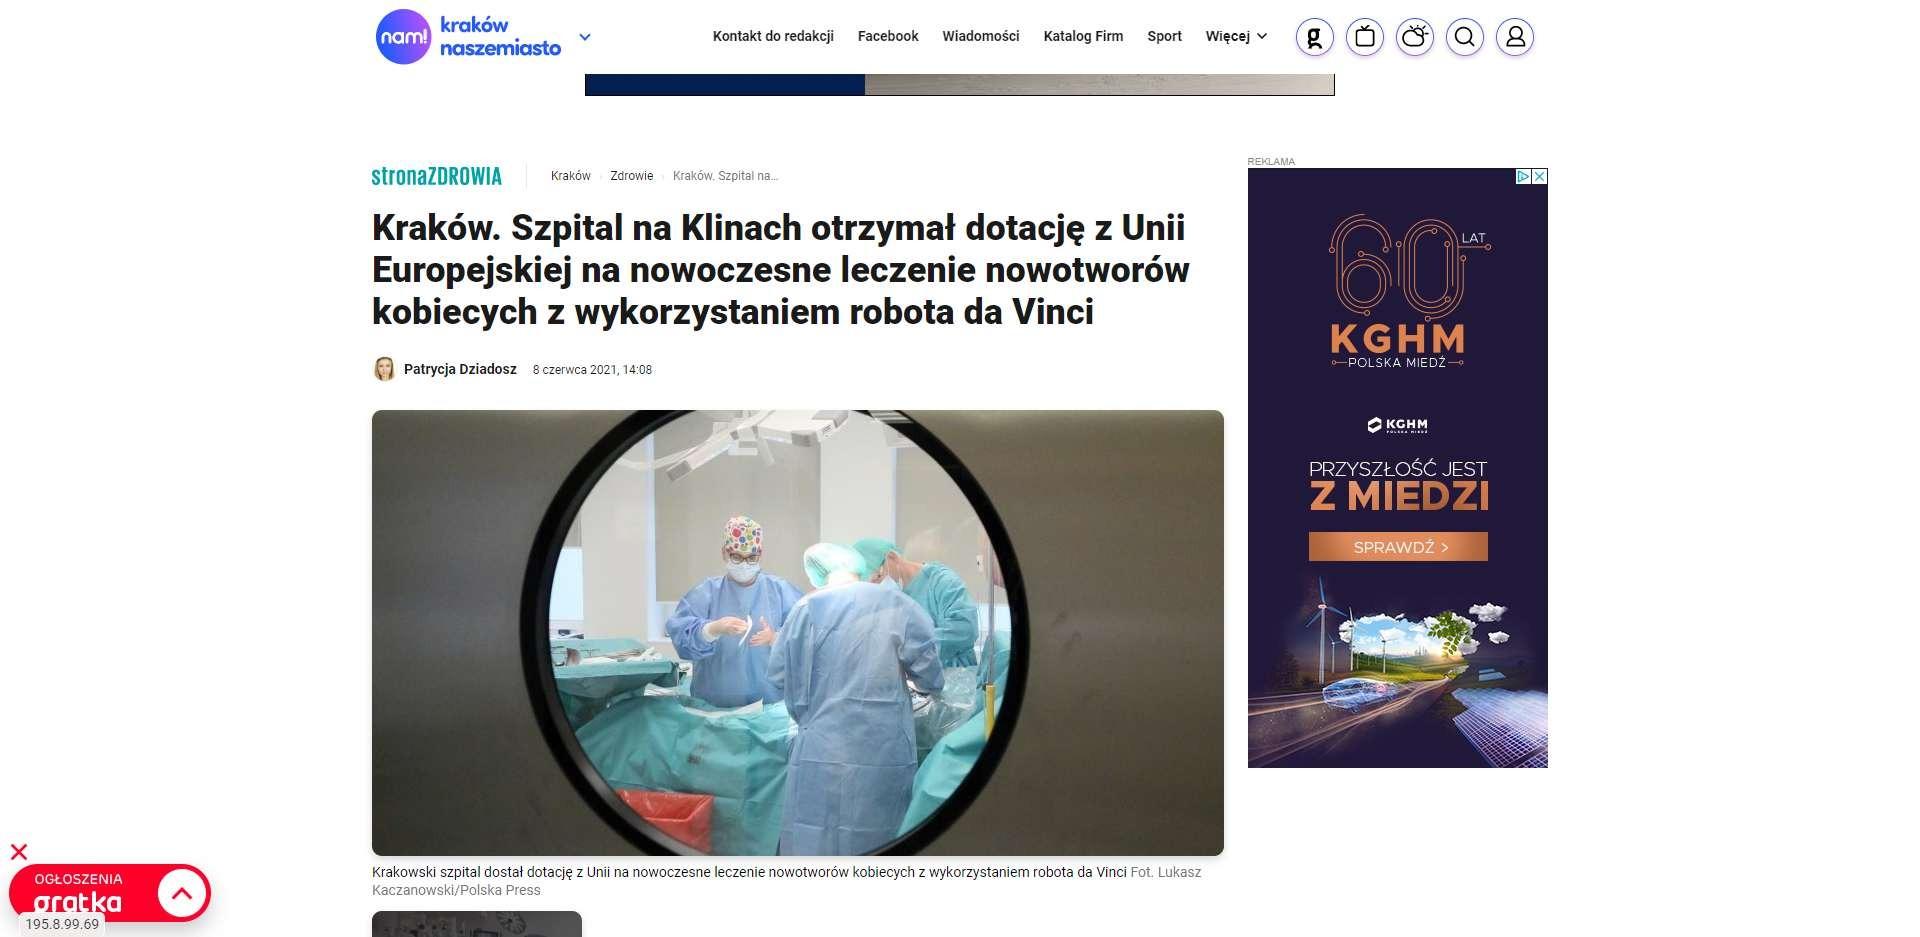 krakow szpital na klinach otrzymal dotacje z unii europejskiej na nowoczesne leczenie nowotworow kobiecych z wykorzystaniem robota da vinci